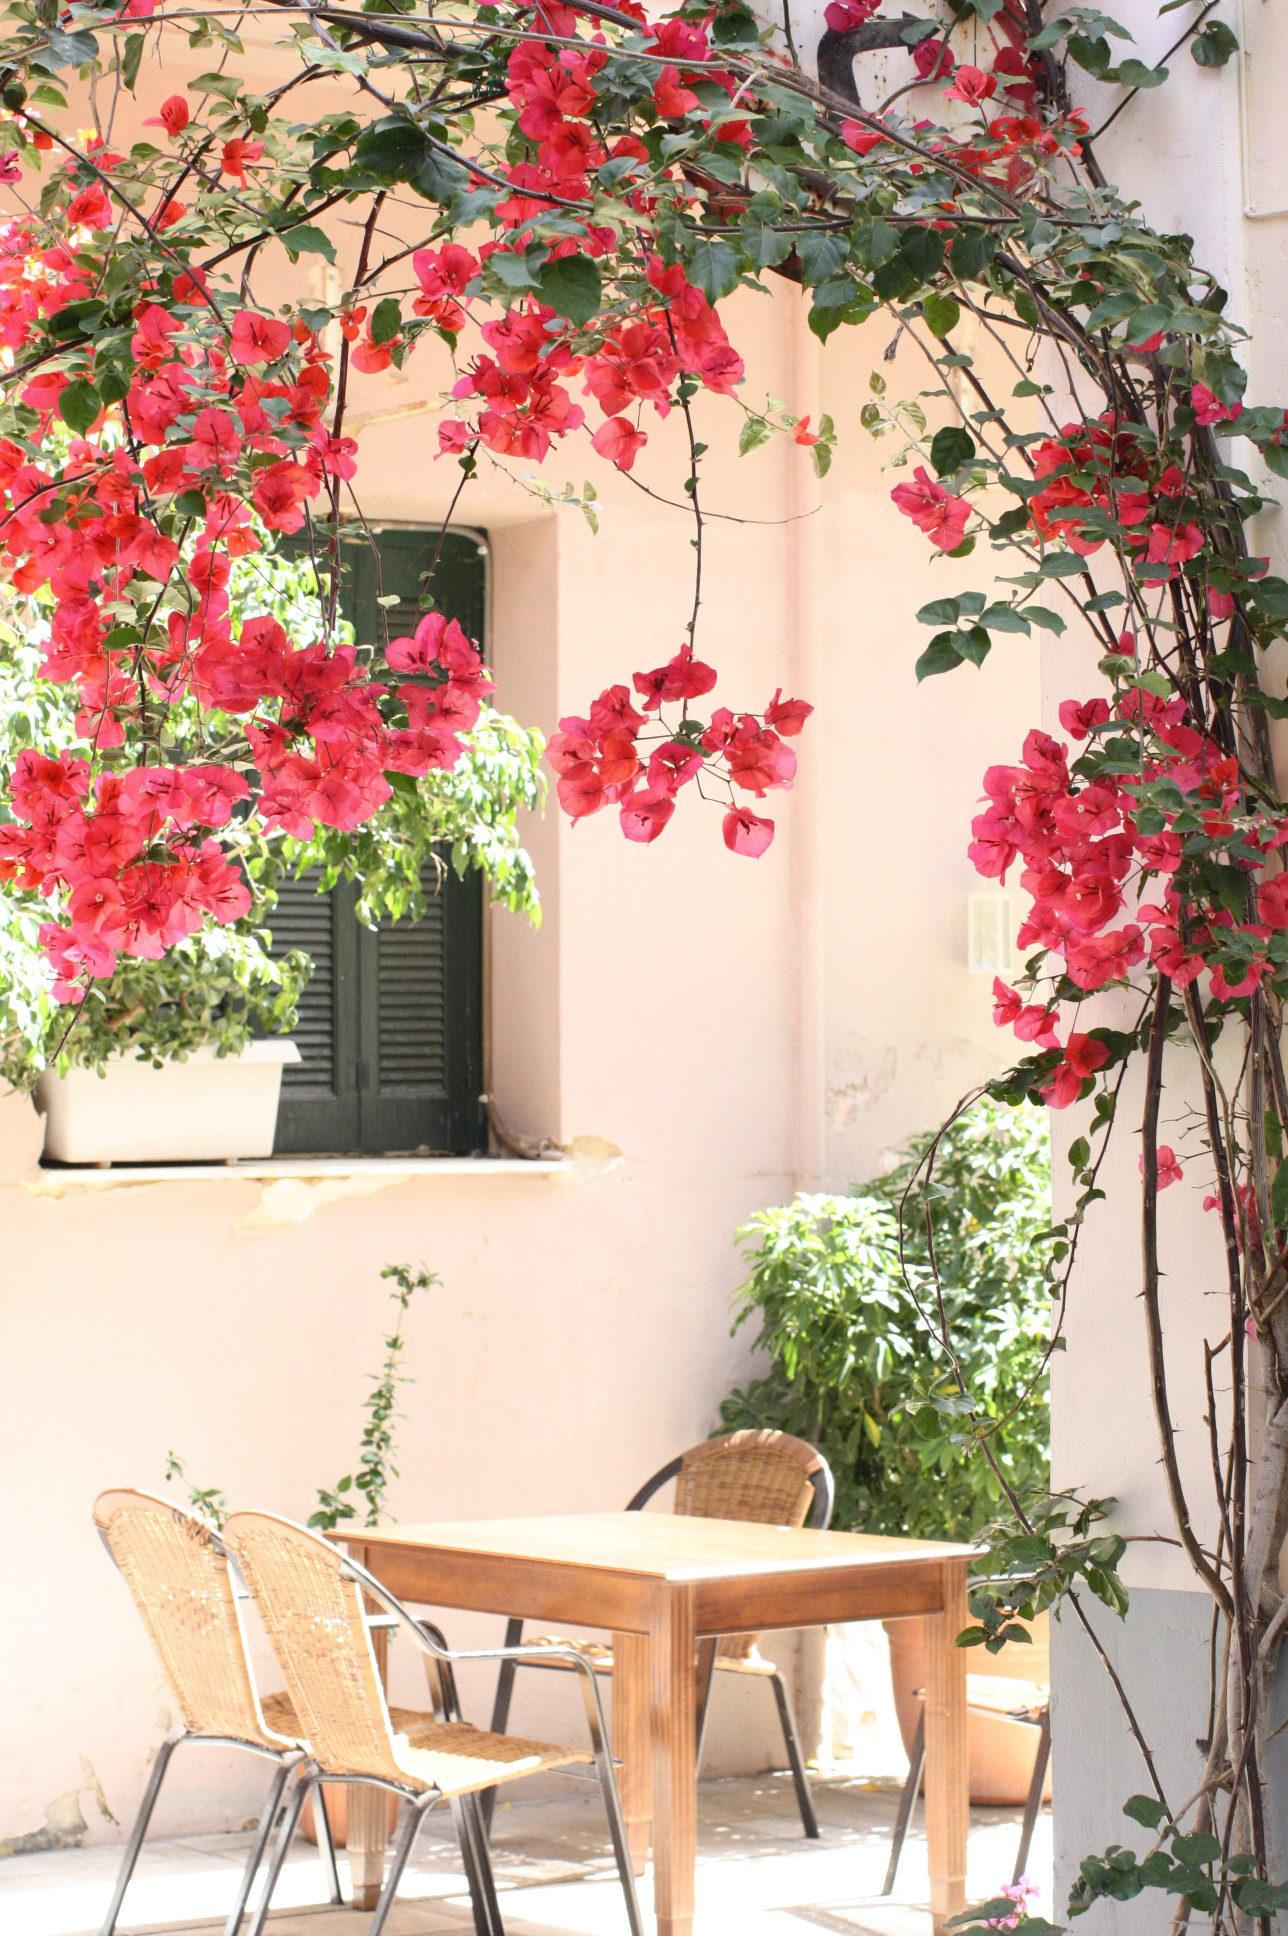 NoMad Luxuries in Nafplio Greece under flowers in the Mediterranean